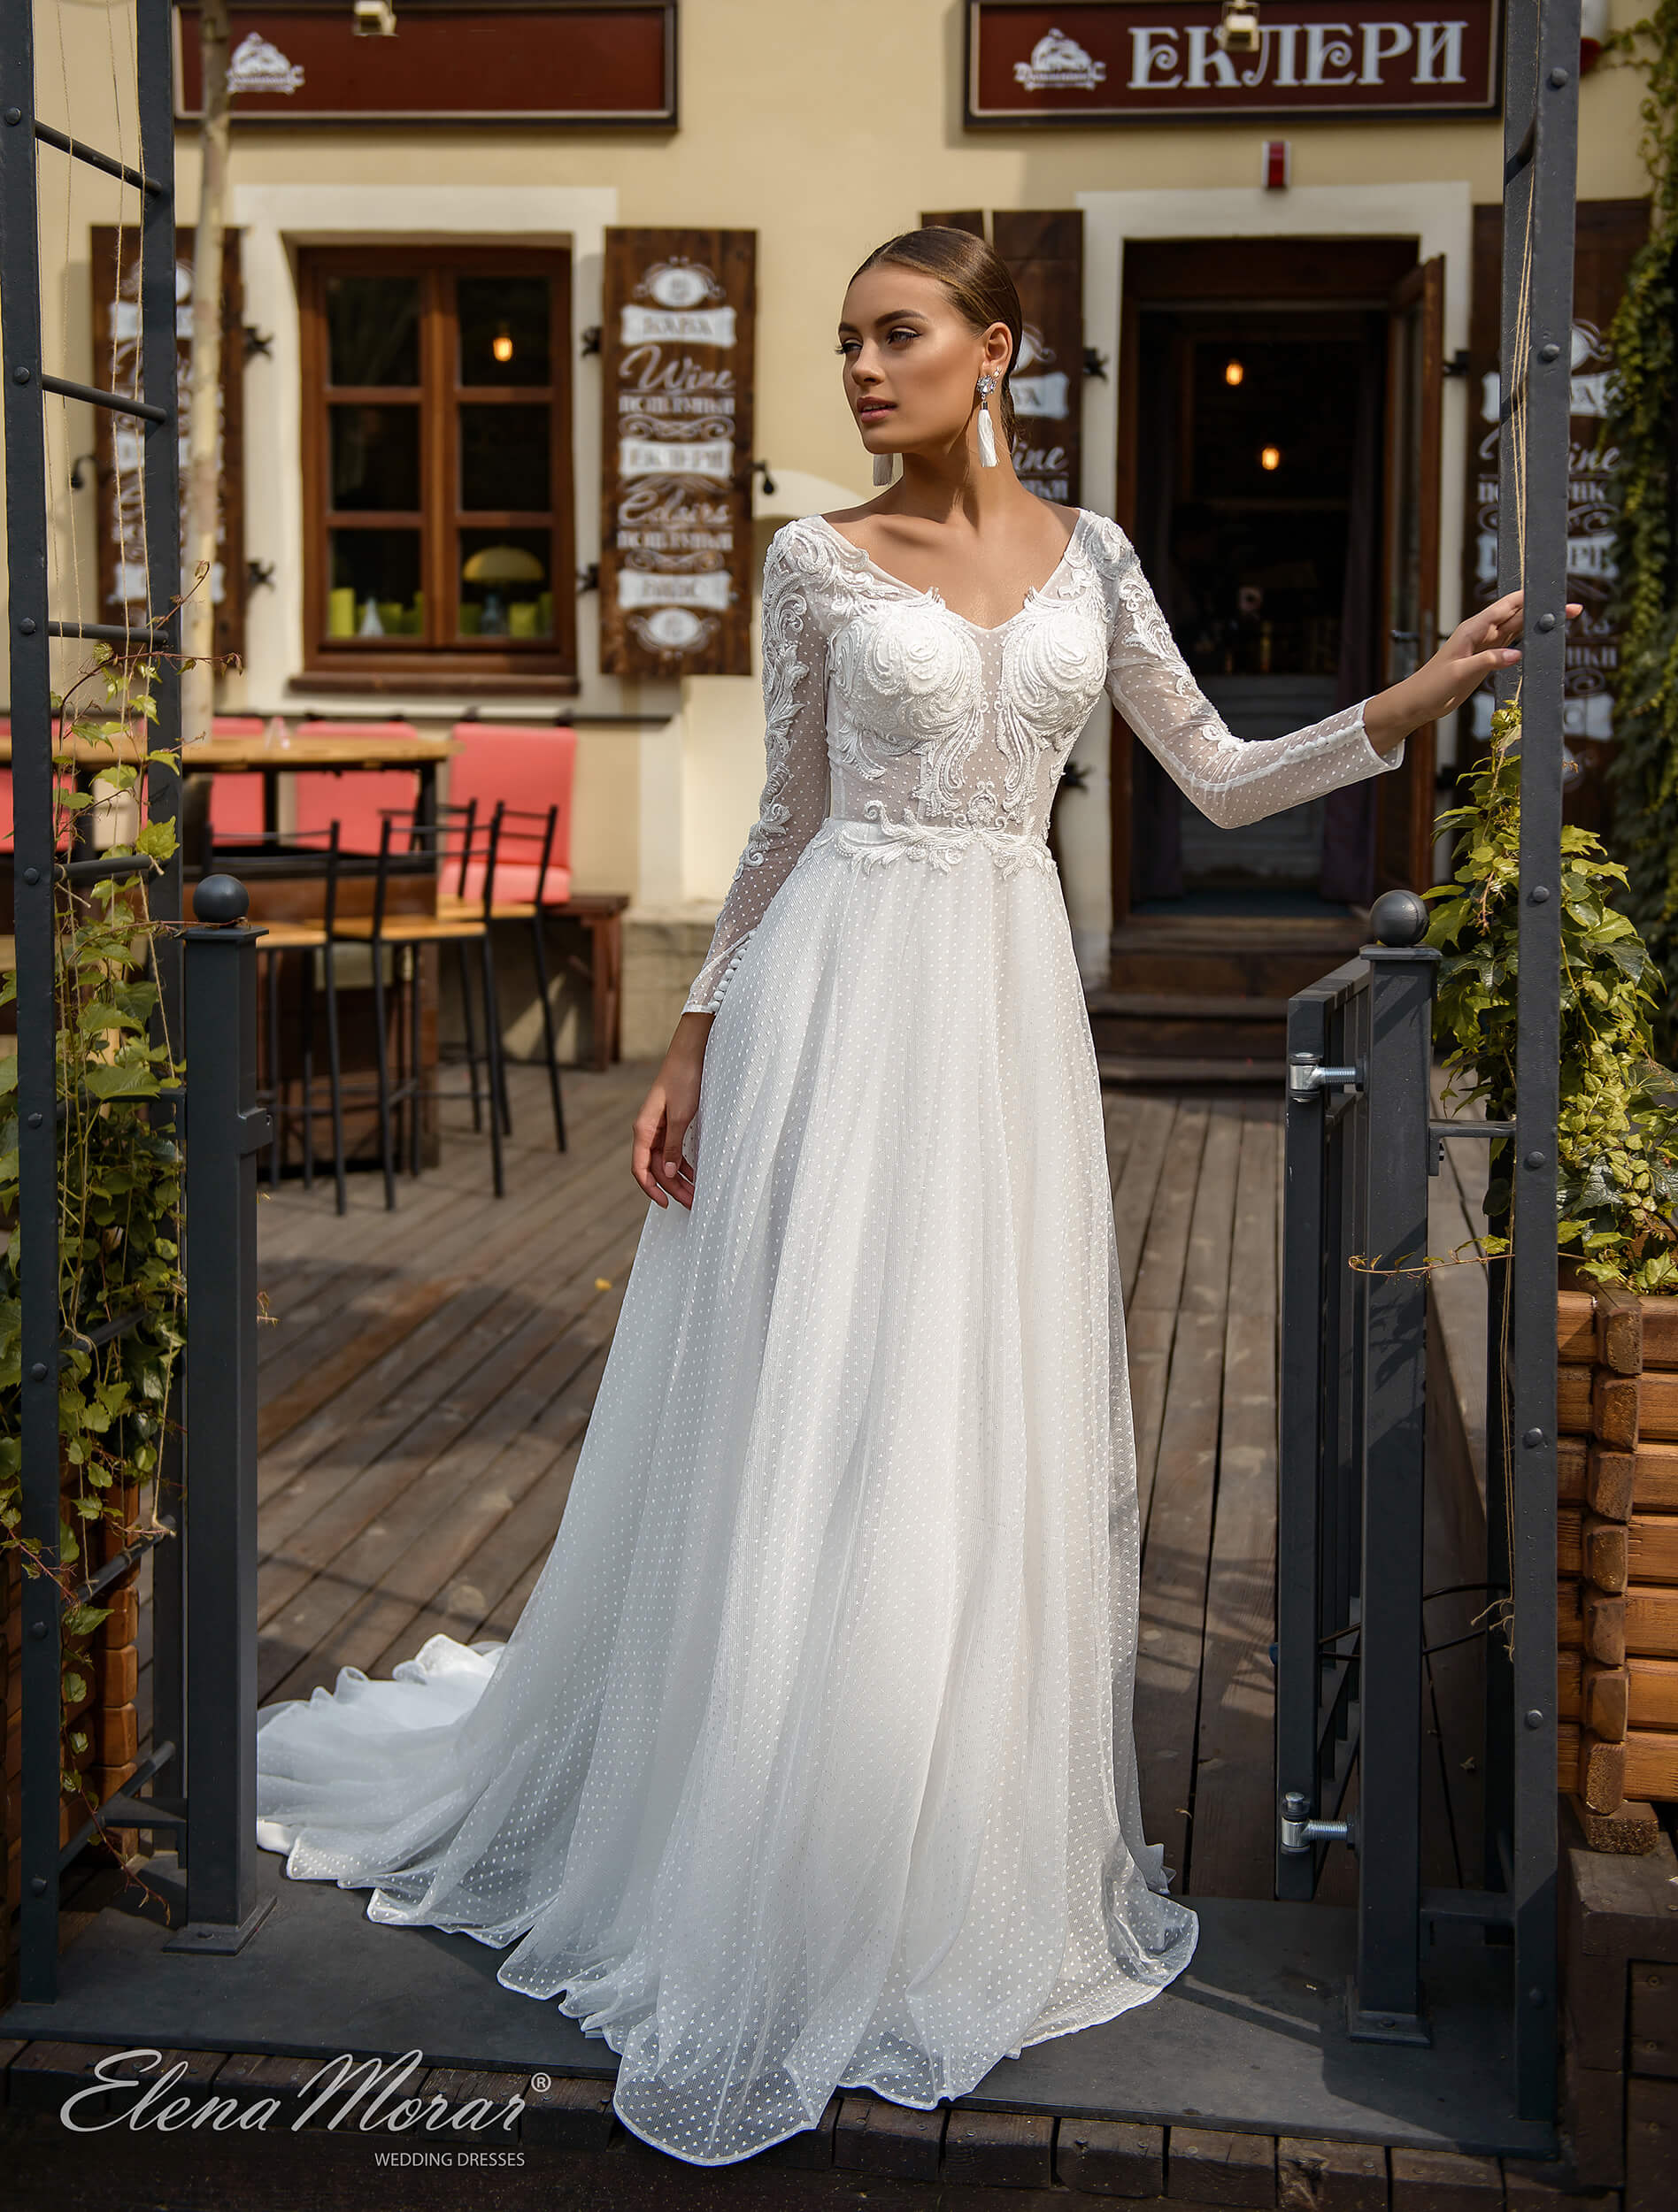 d6401a90cbcf67a прямые свадебные платья с длинным рукавом (1) | Vero